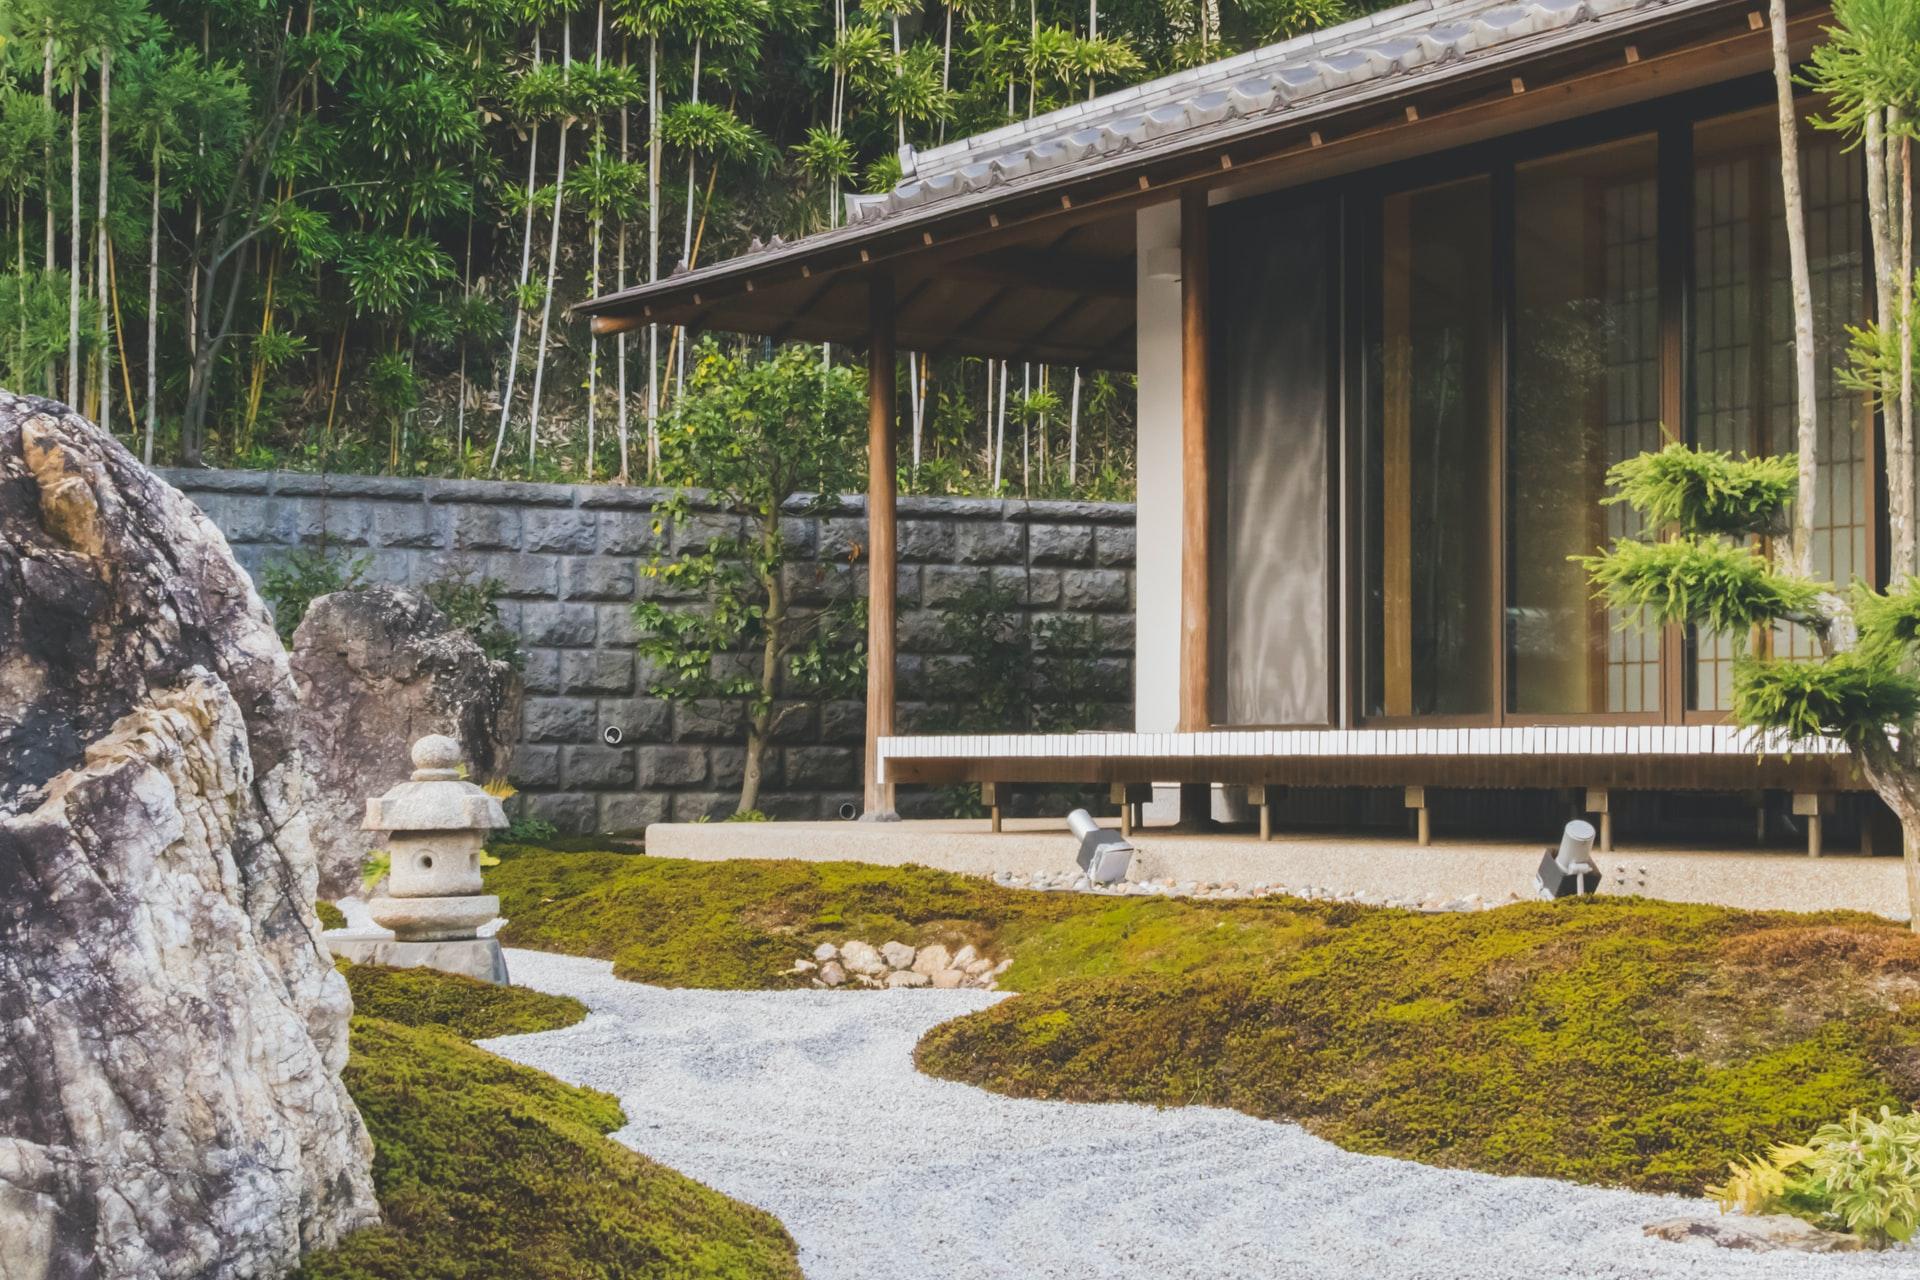 A Japanese zen garden